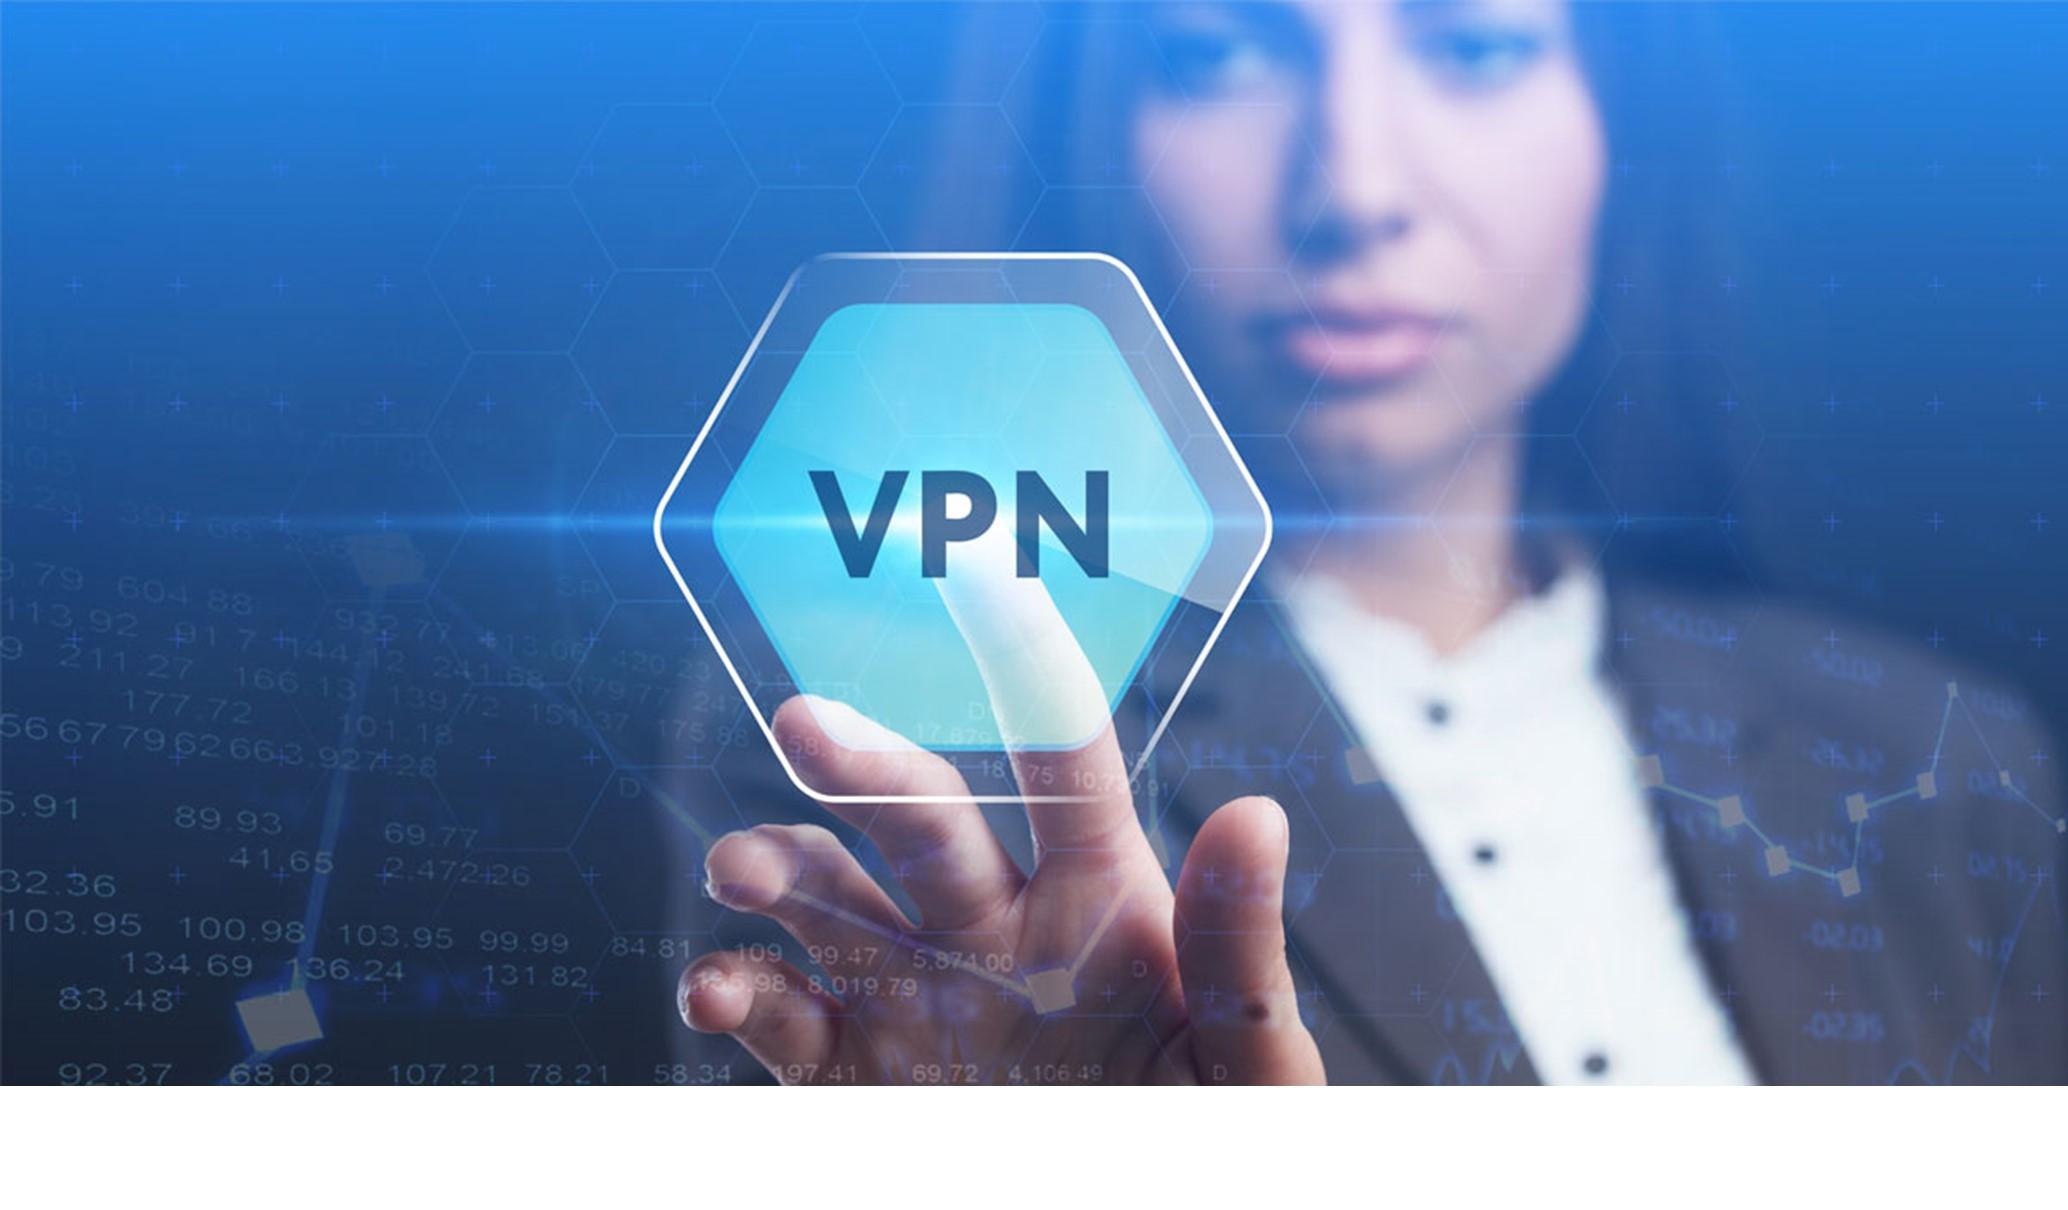 VPN-verkkojen edut ja haitat - kaikki mitä sinun tulisi tietää vuonna 2021